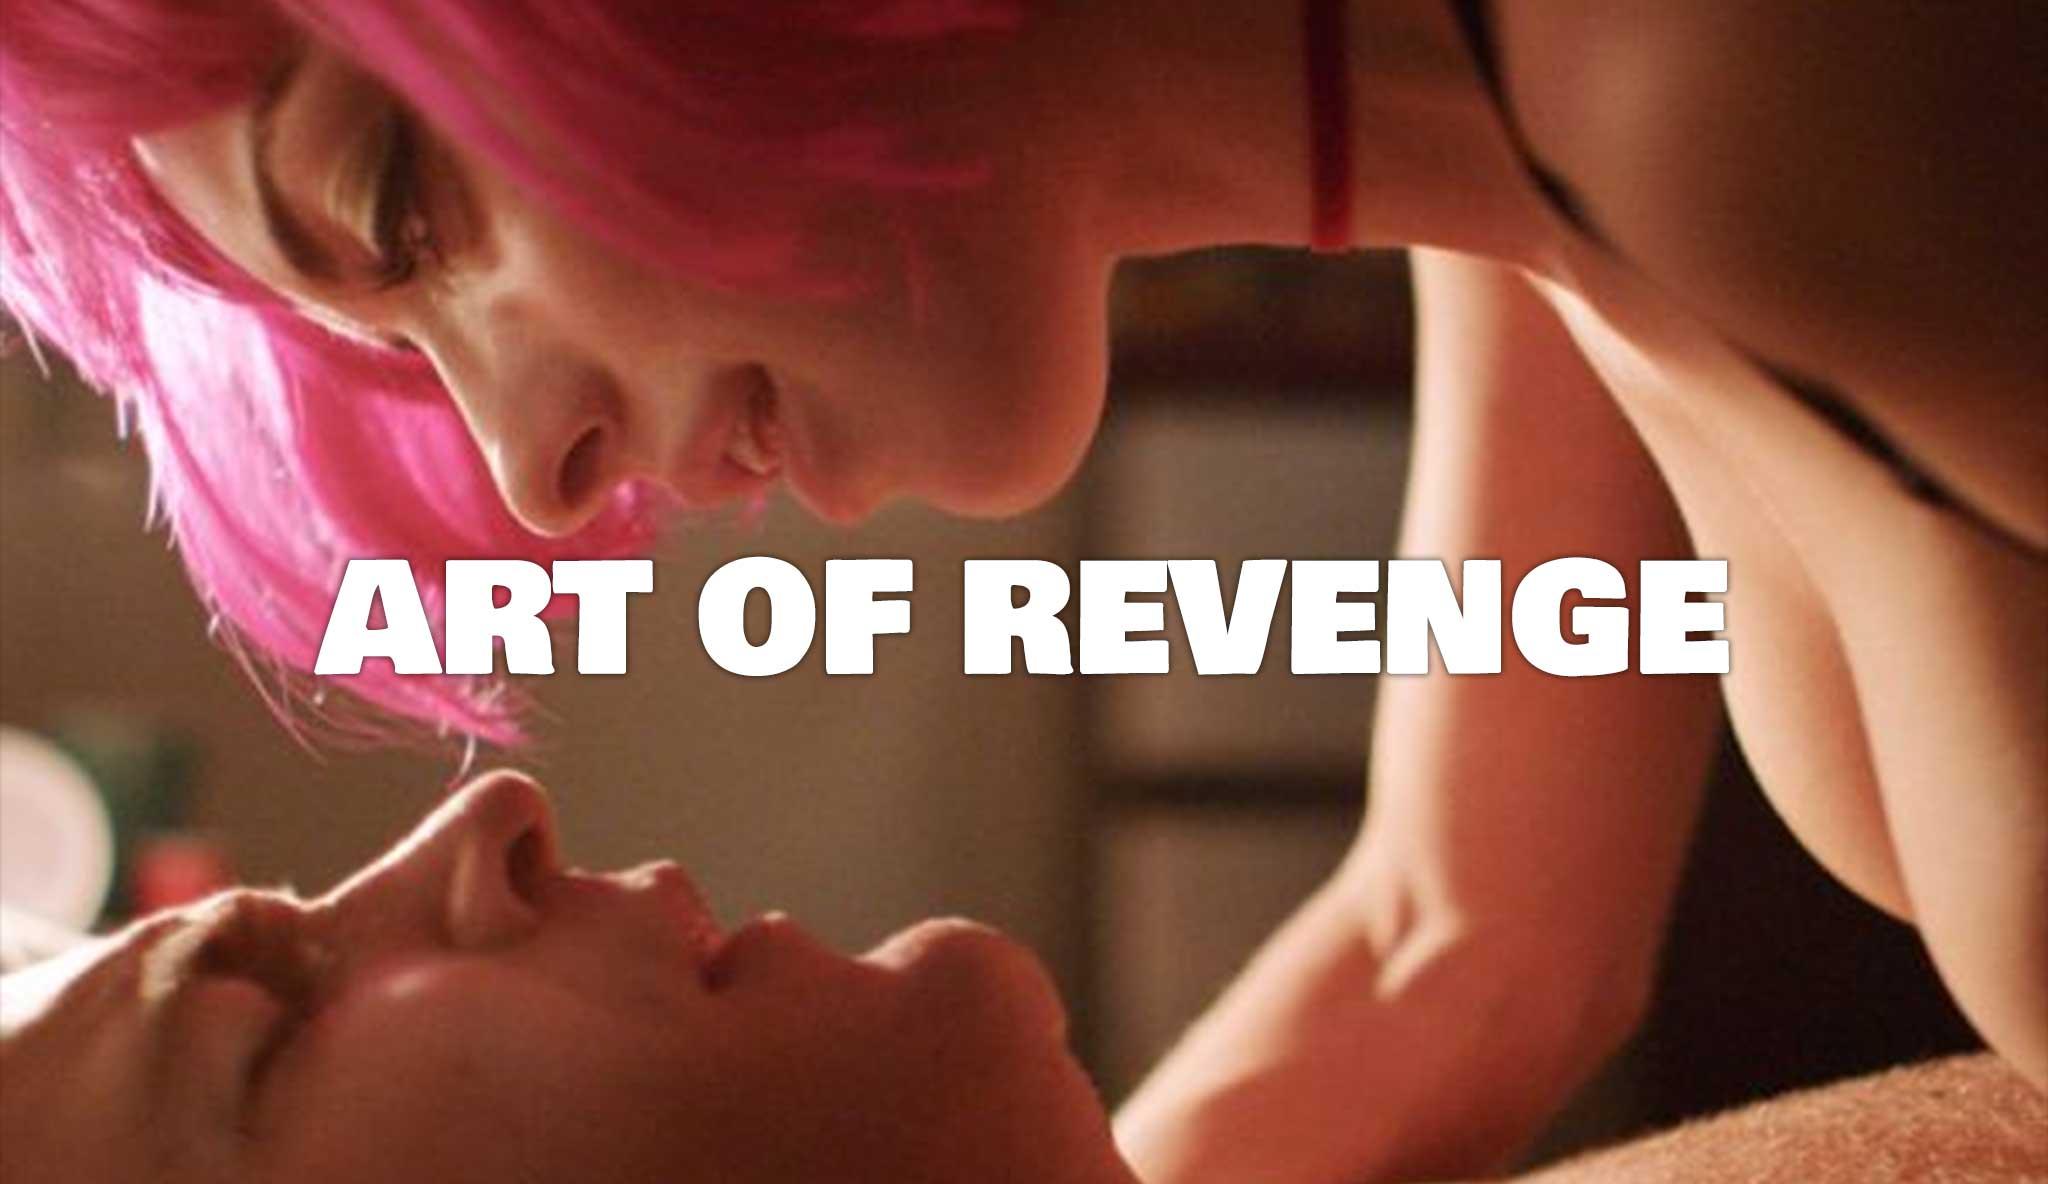 art-of-revenge-mein-korper-gehort-mir\header.jpg